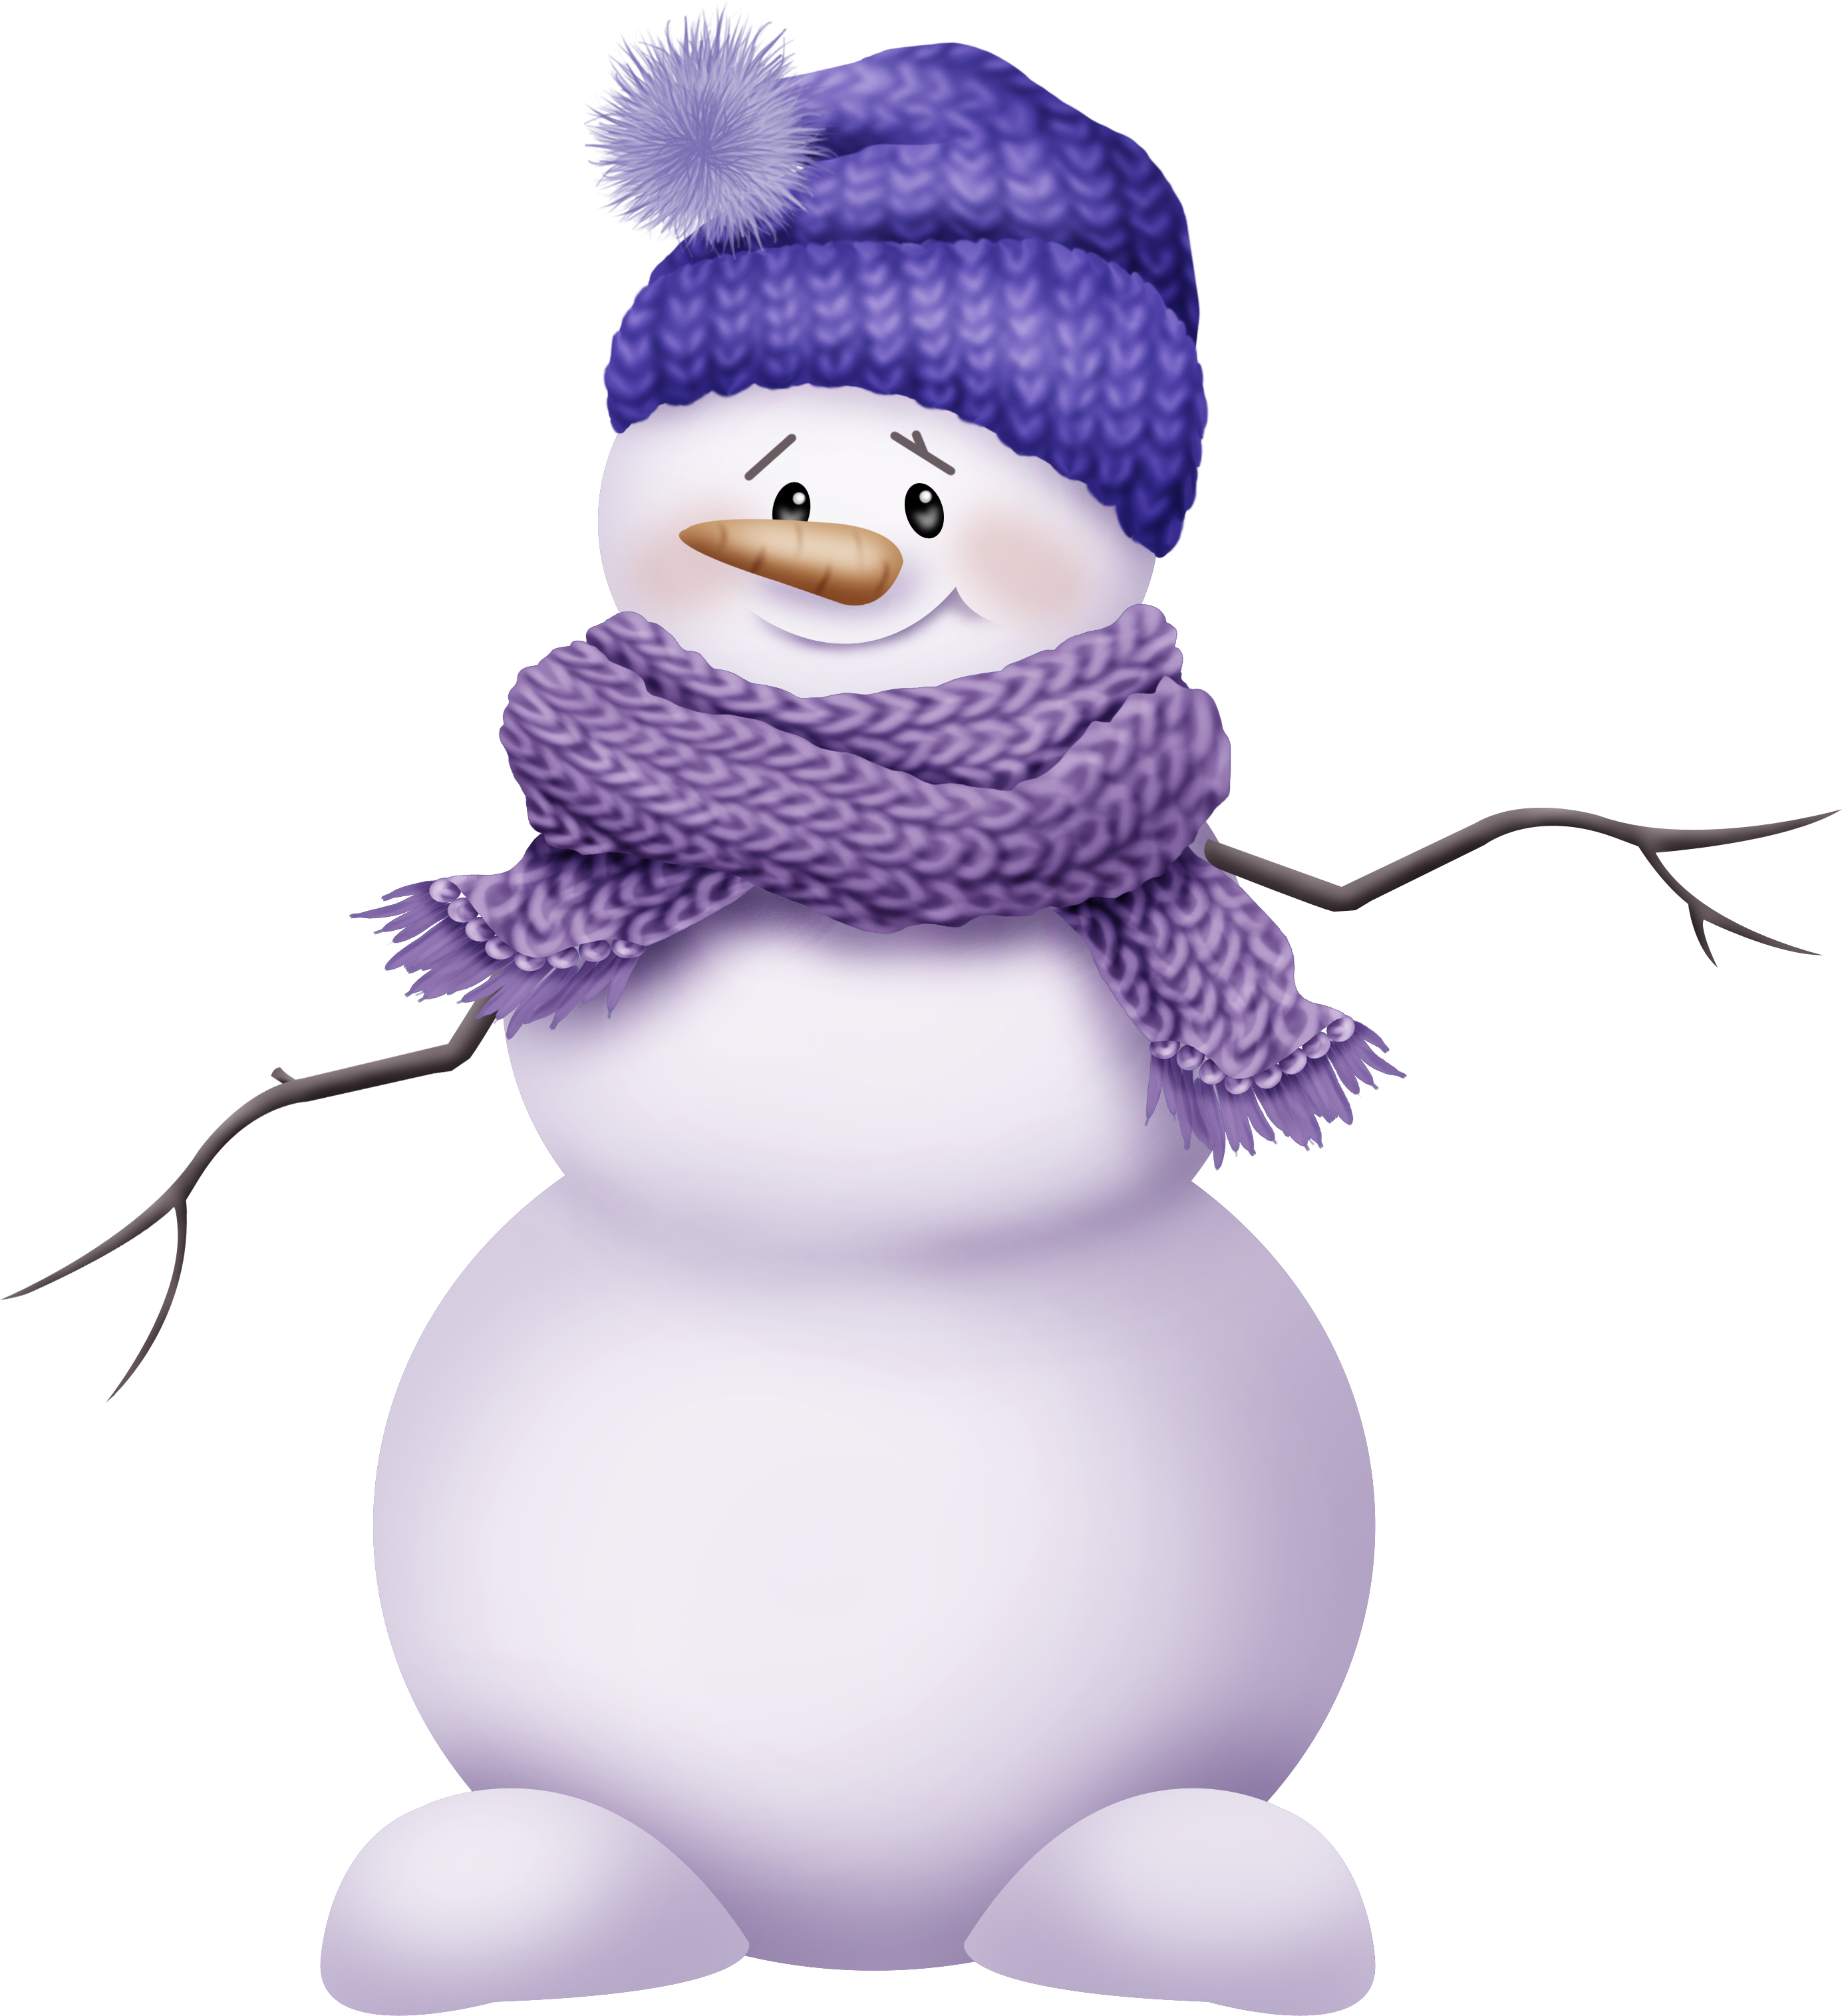 снеговик картинка без фона запеканка достаточно просто